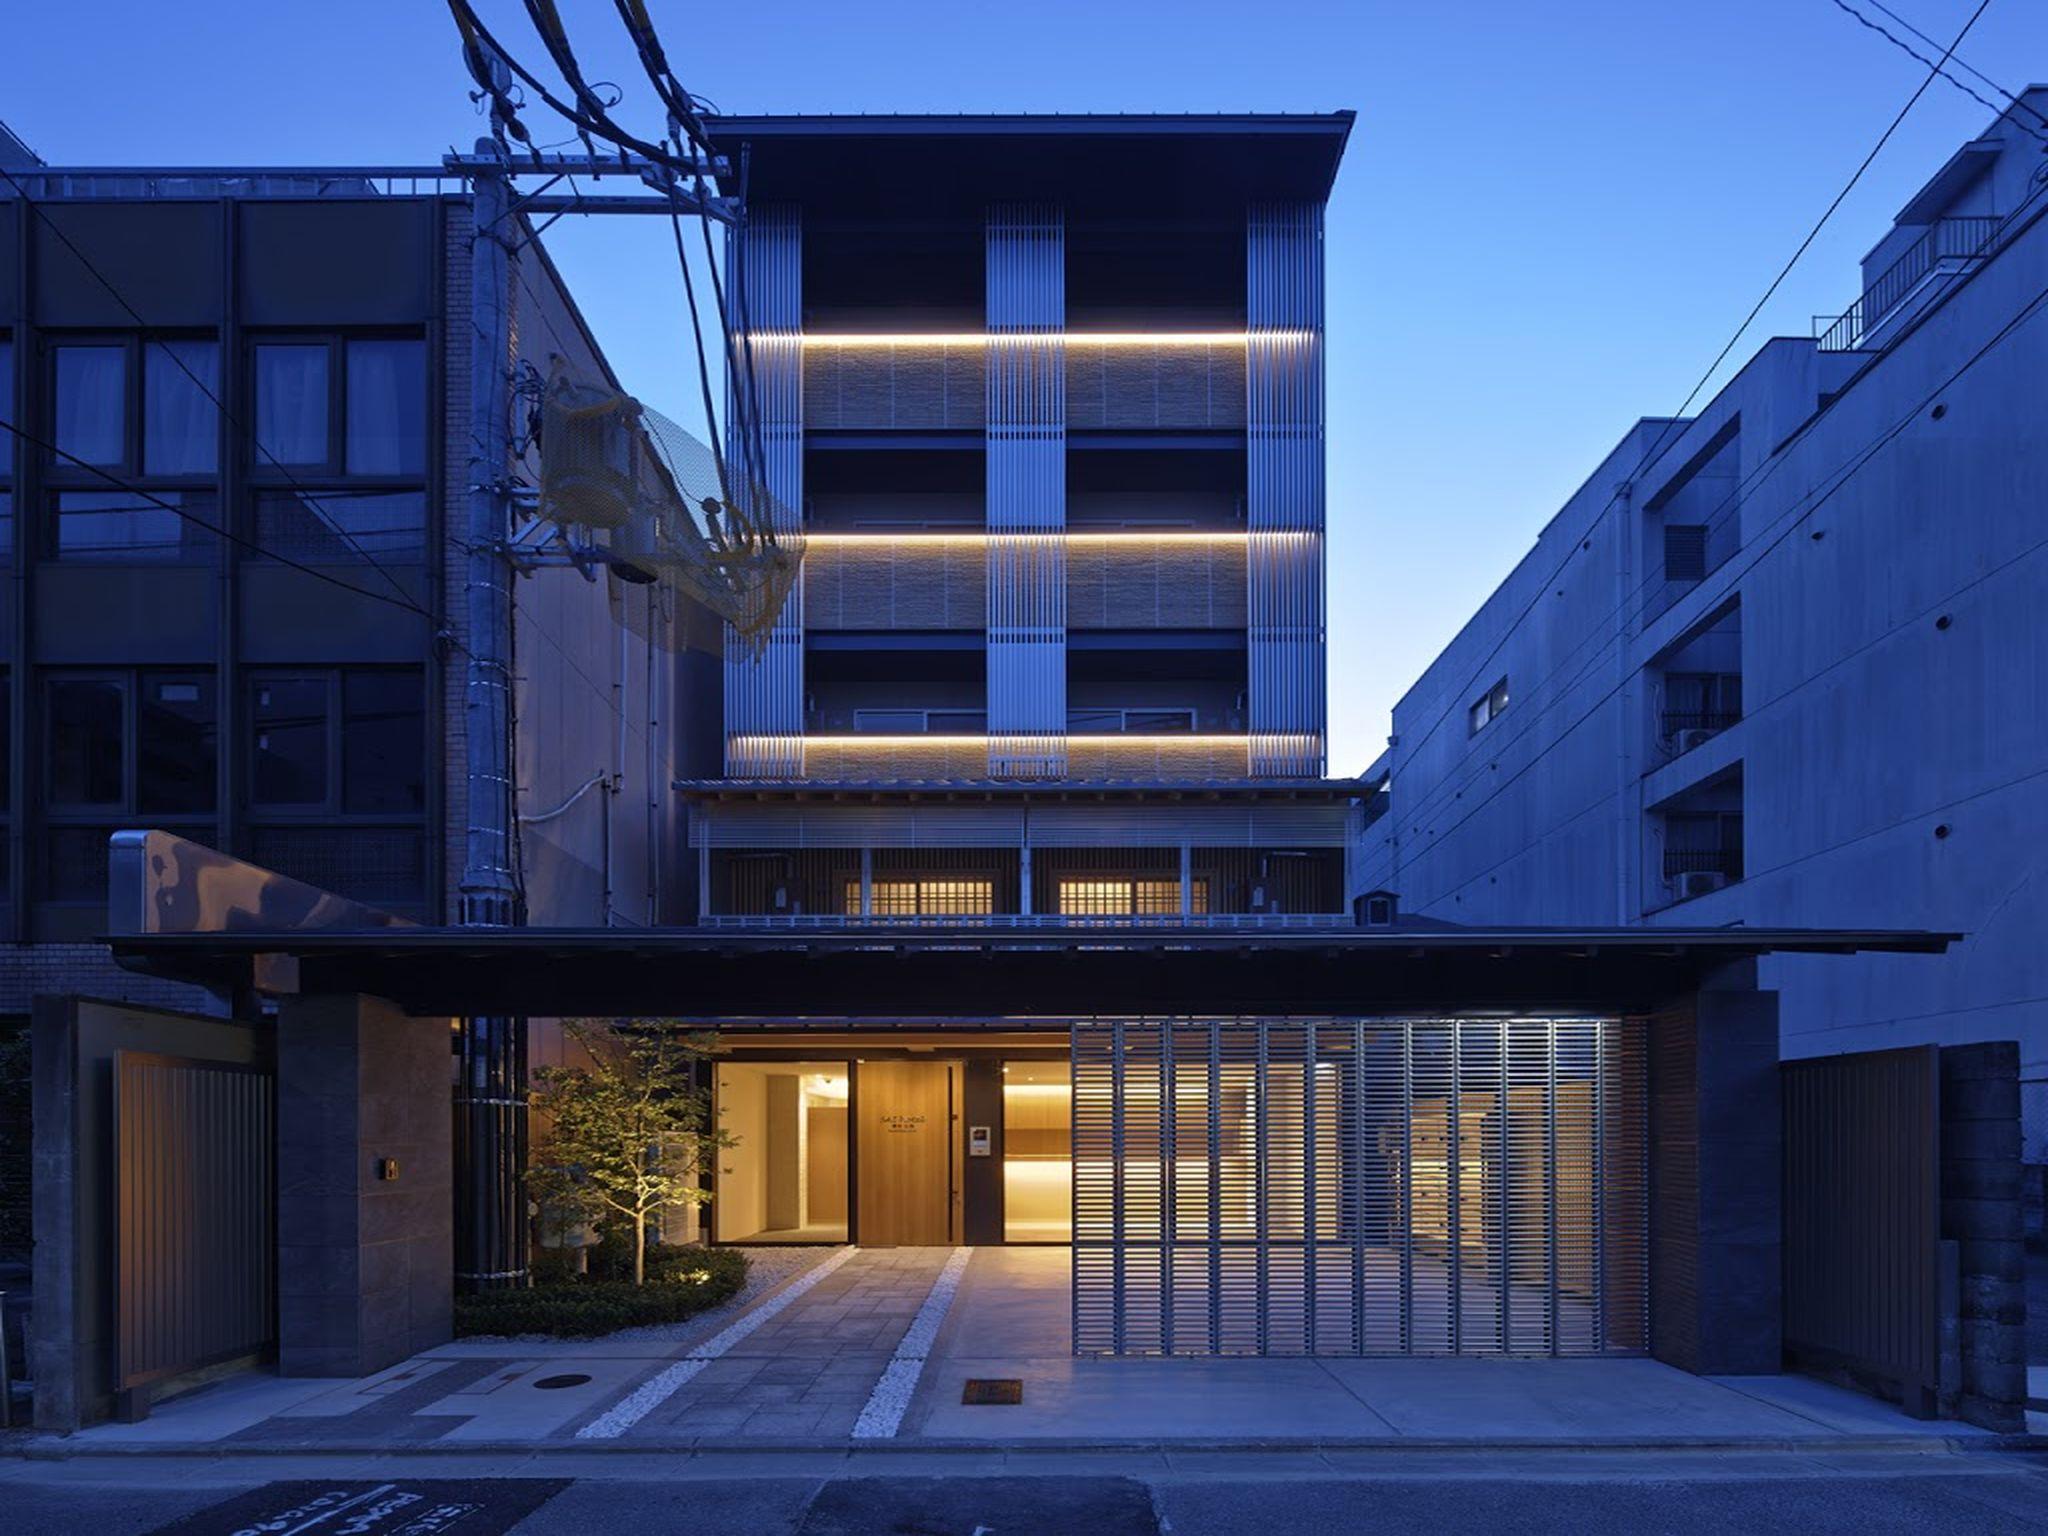 โรงแรมไซ คิโยะมิซุ โกะโจะ